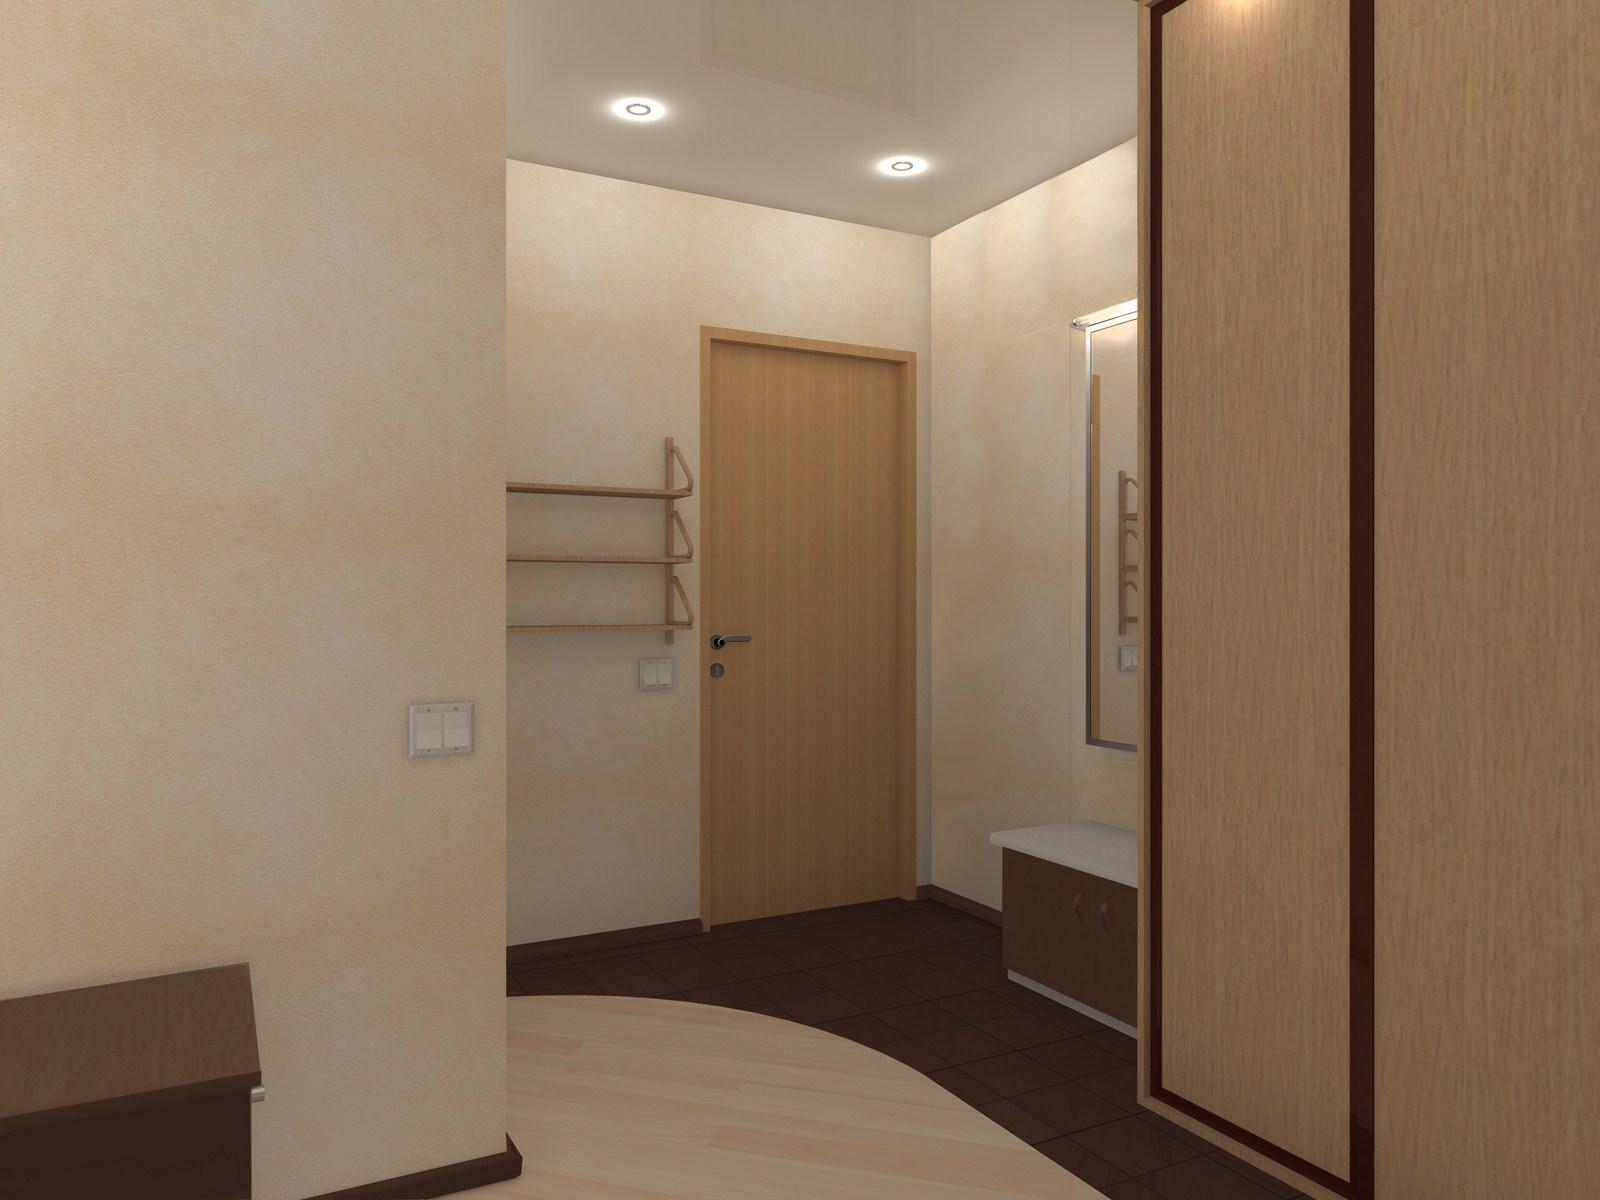 светлые обои в прихожую комнату в стиле прованс под темную дверь